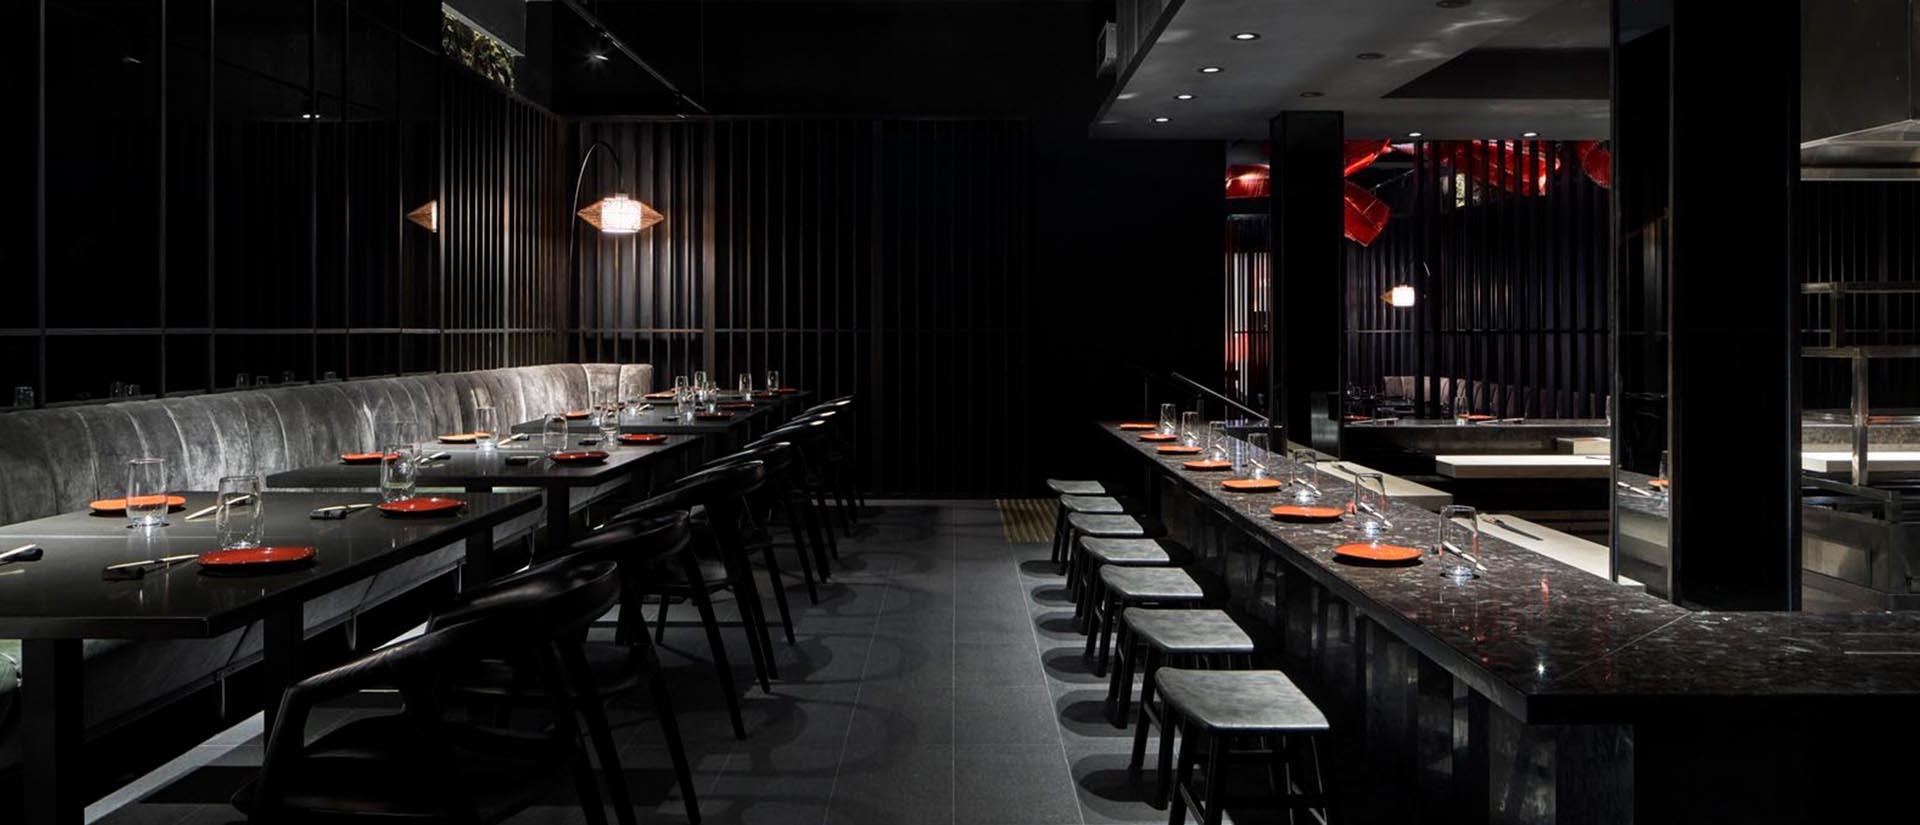 Projects-Restaurant_Akai Ito-1